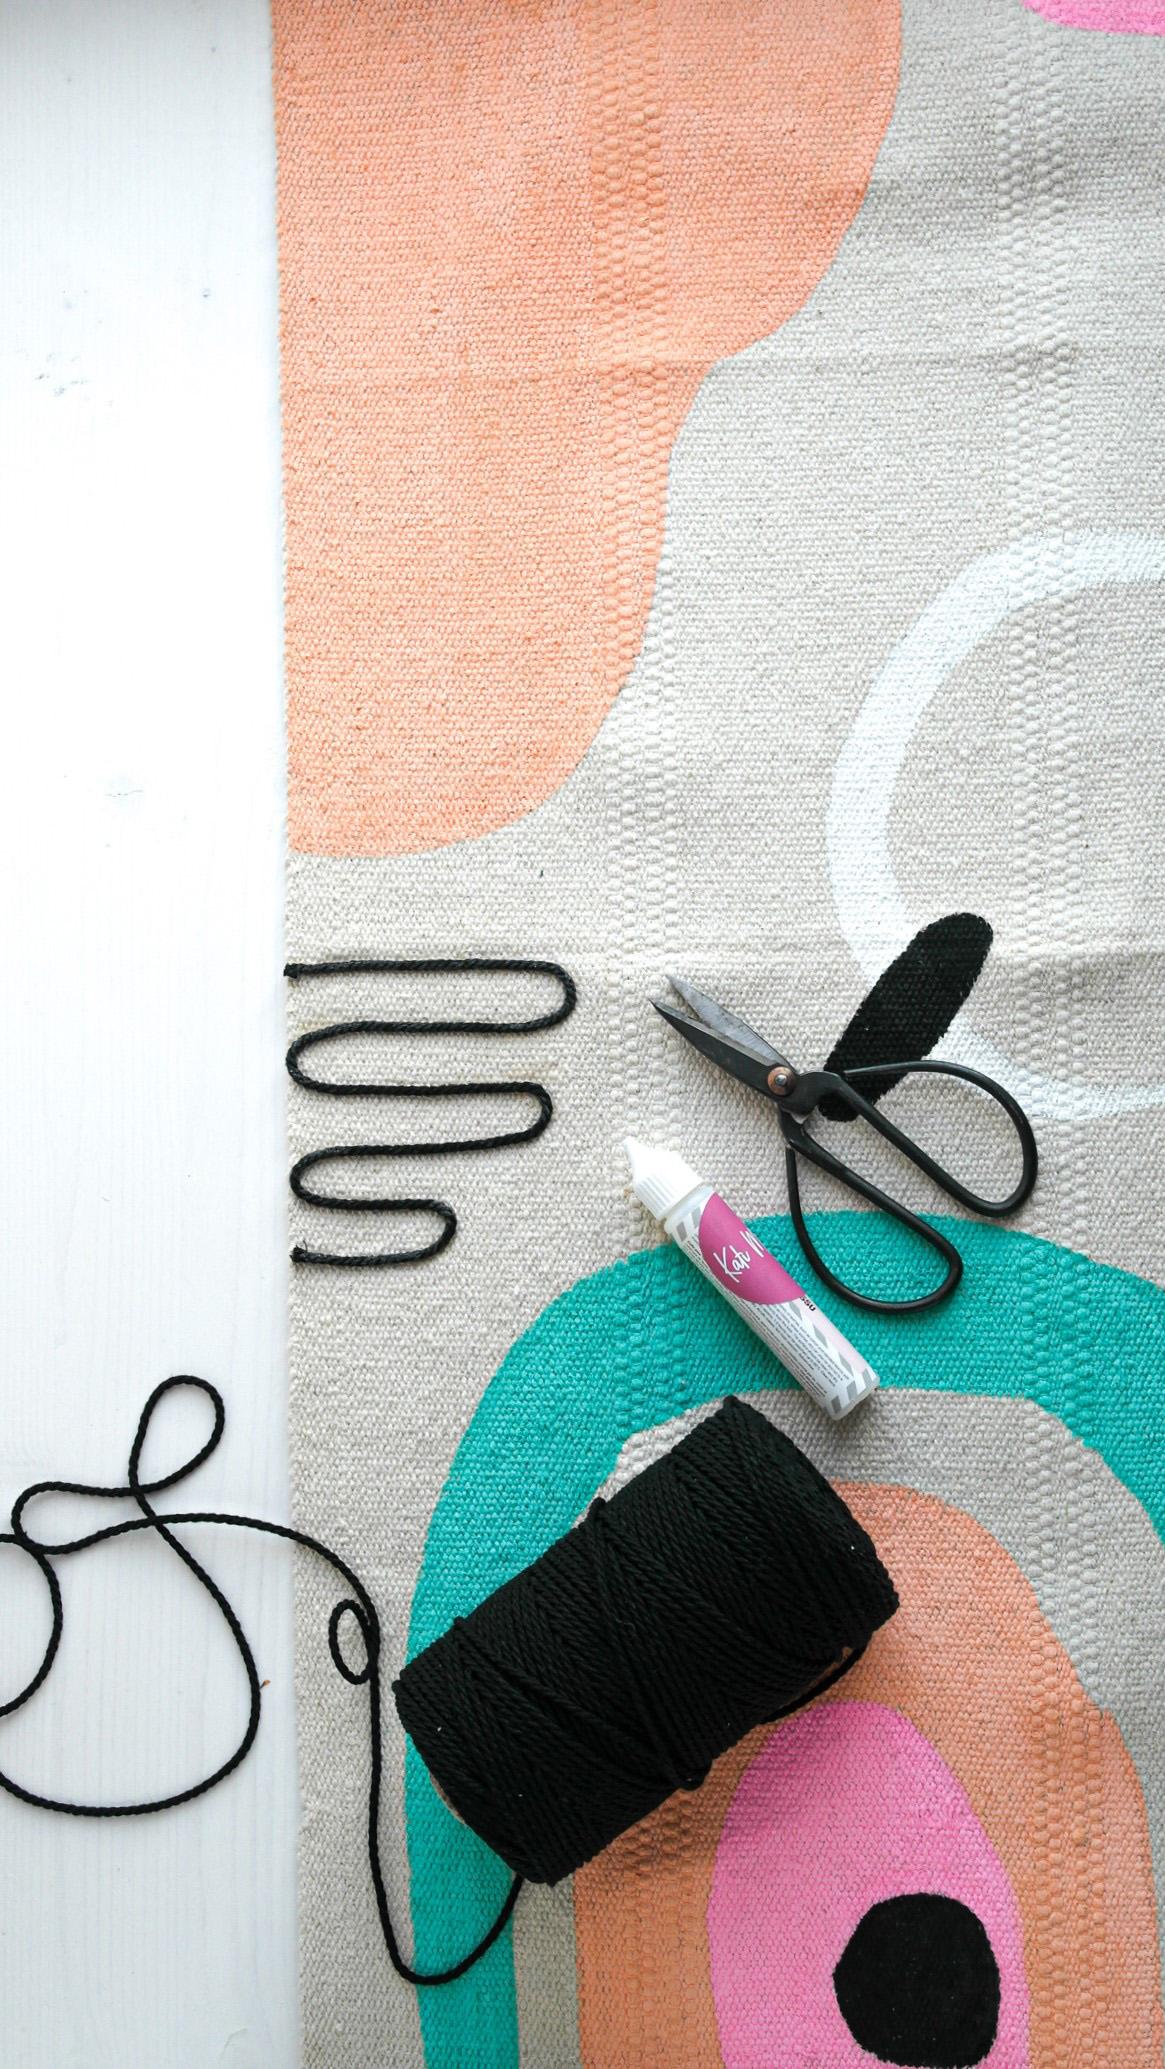 Die Wolle auf dem Teppich mit Textilkleber befestigen